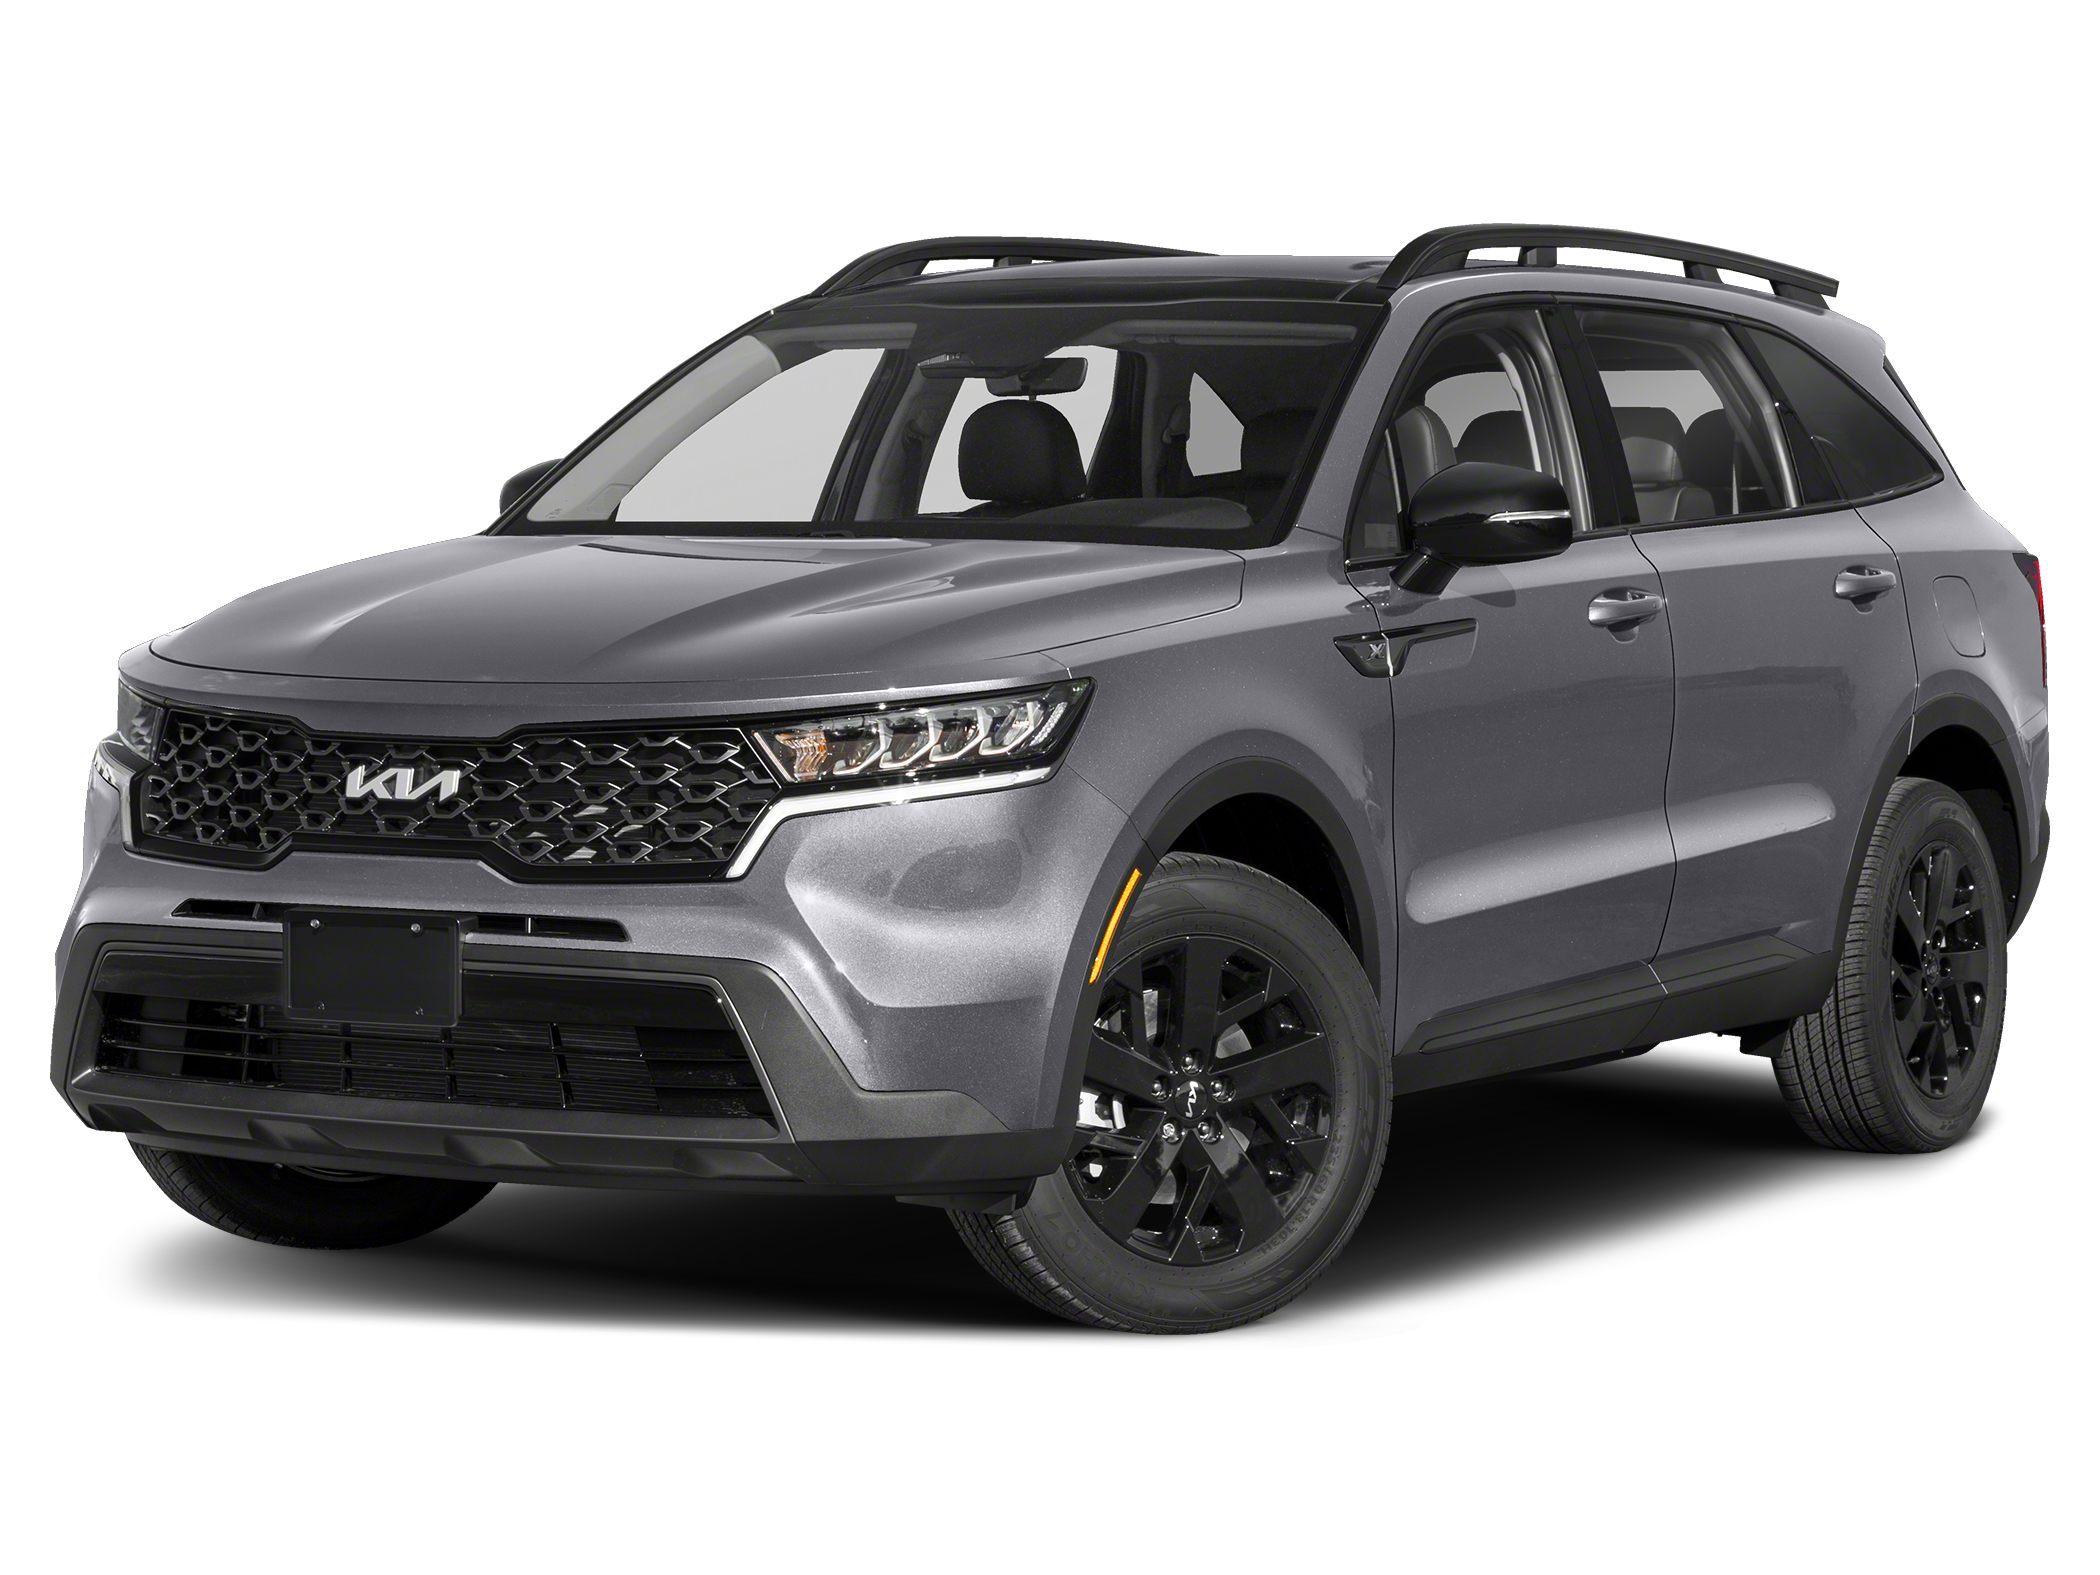 2022 Kia Sorento SUV